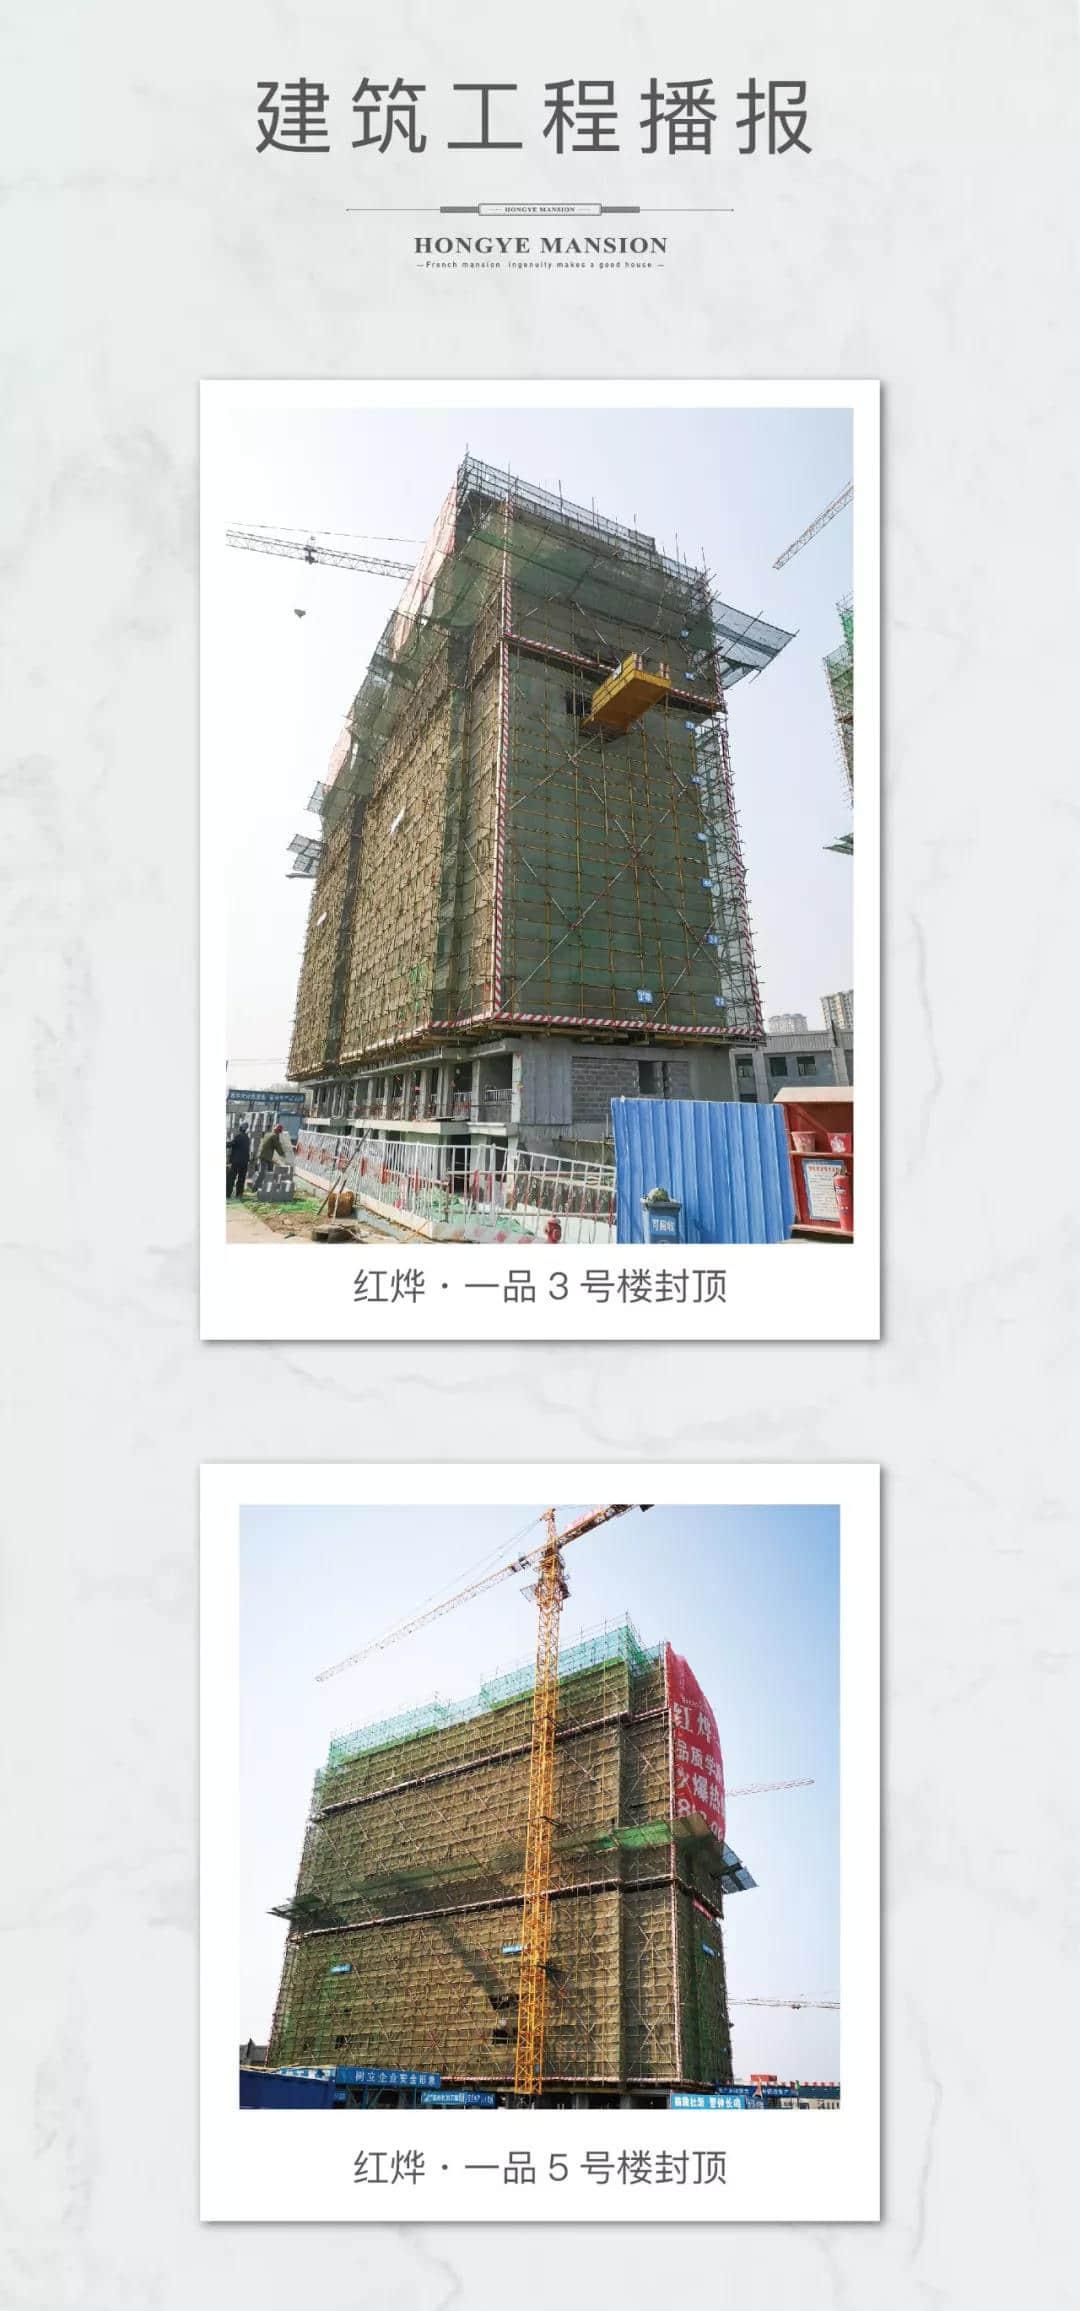 工程进度播报丨红烨·一品精雕